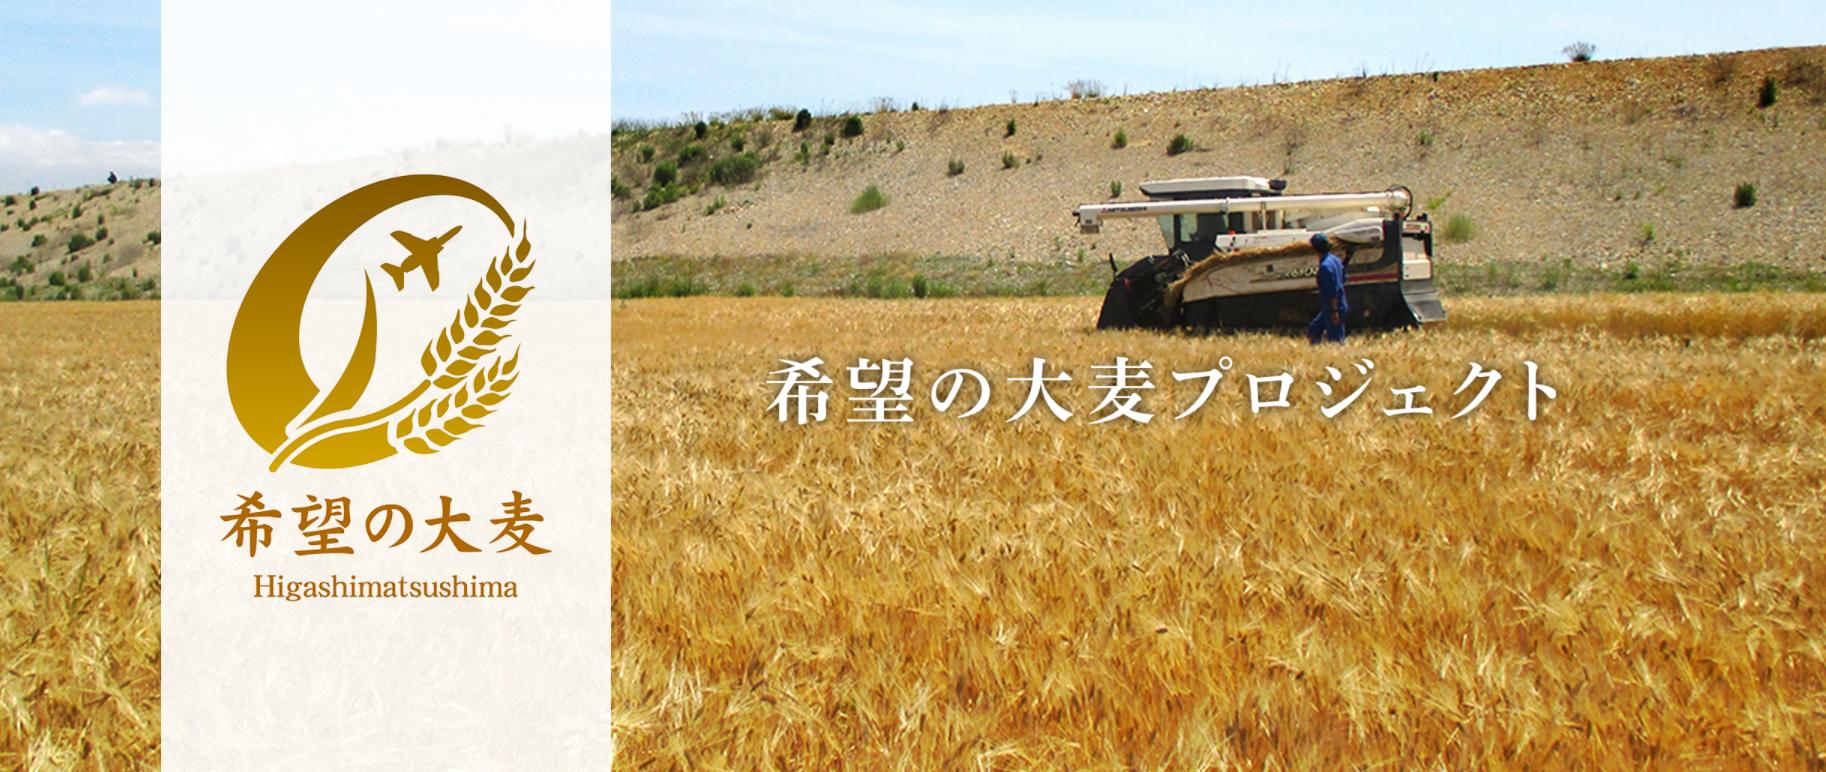 被災地に「なりわい」と「にぎわい」を生み出す<br>― アサヒグループ「希望の大麦プロジェクト」 ―